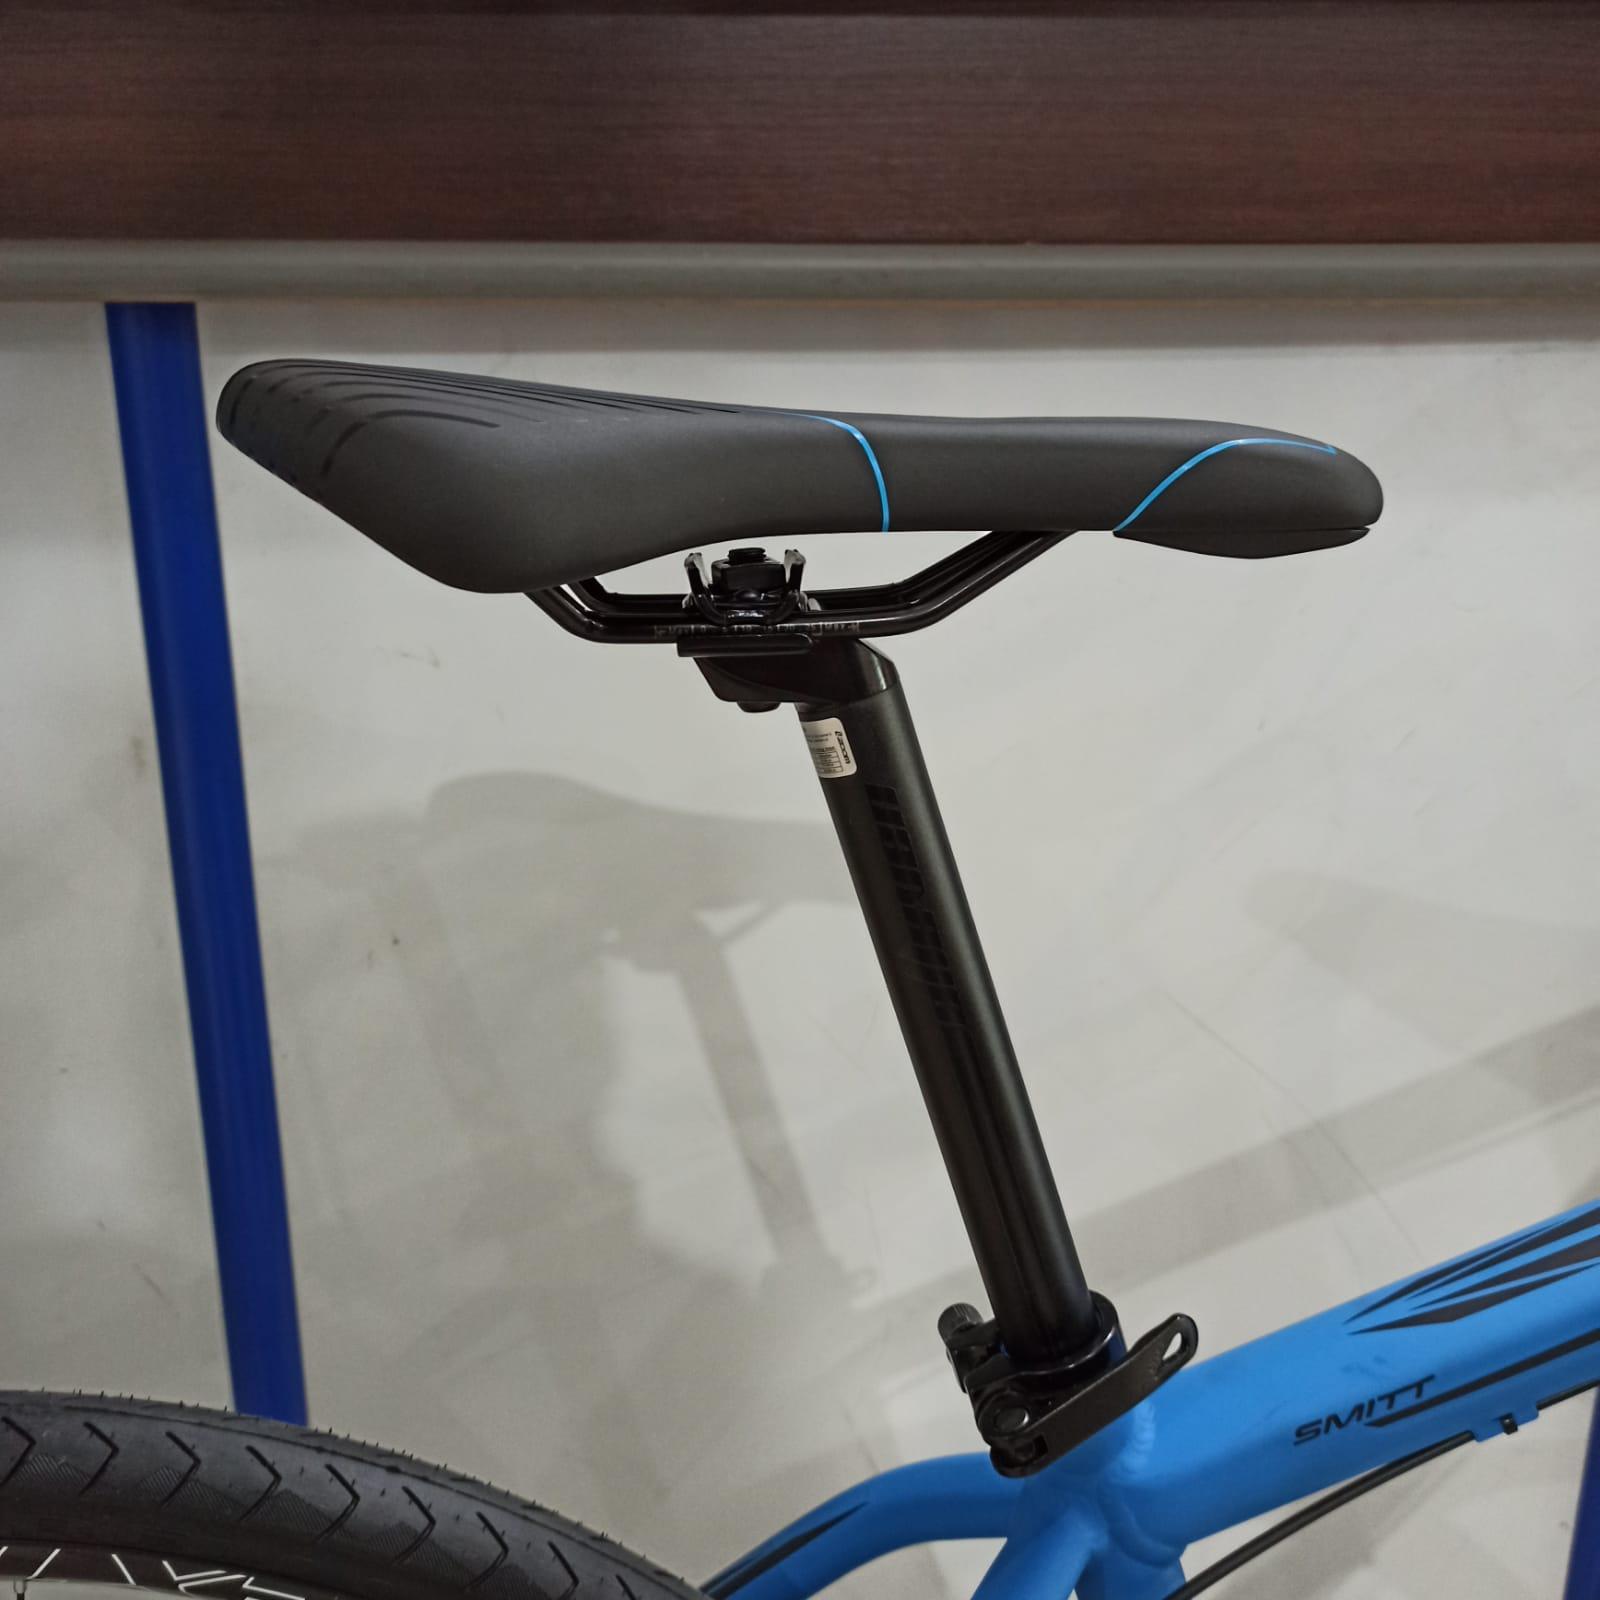 Bicicleta FIRST Smitt aro 29 - 7v Shimano Tourney - Suspensão HLND - Freio a Disco